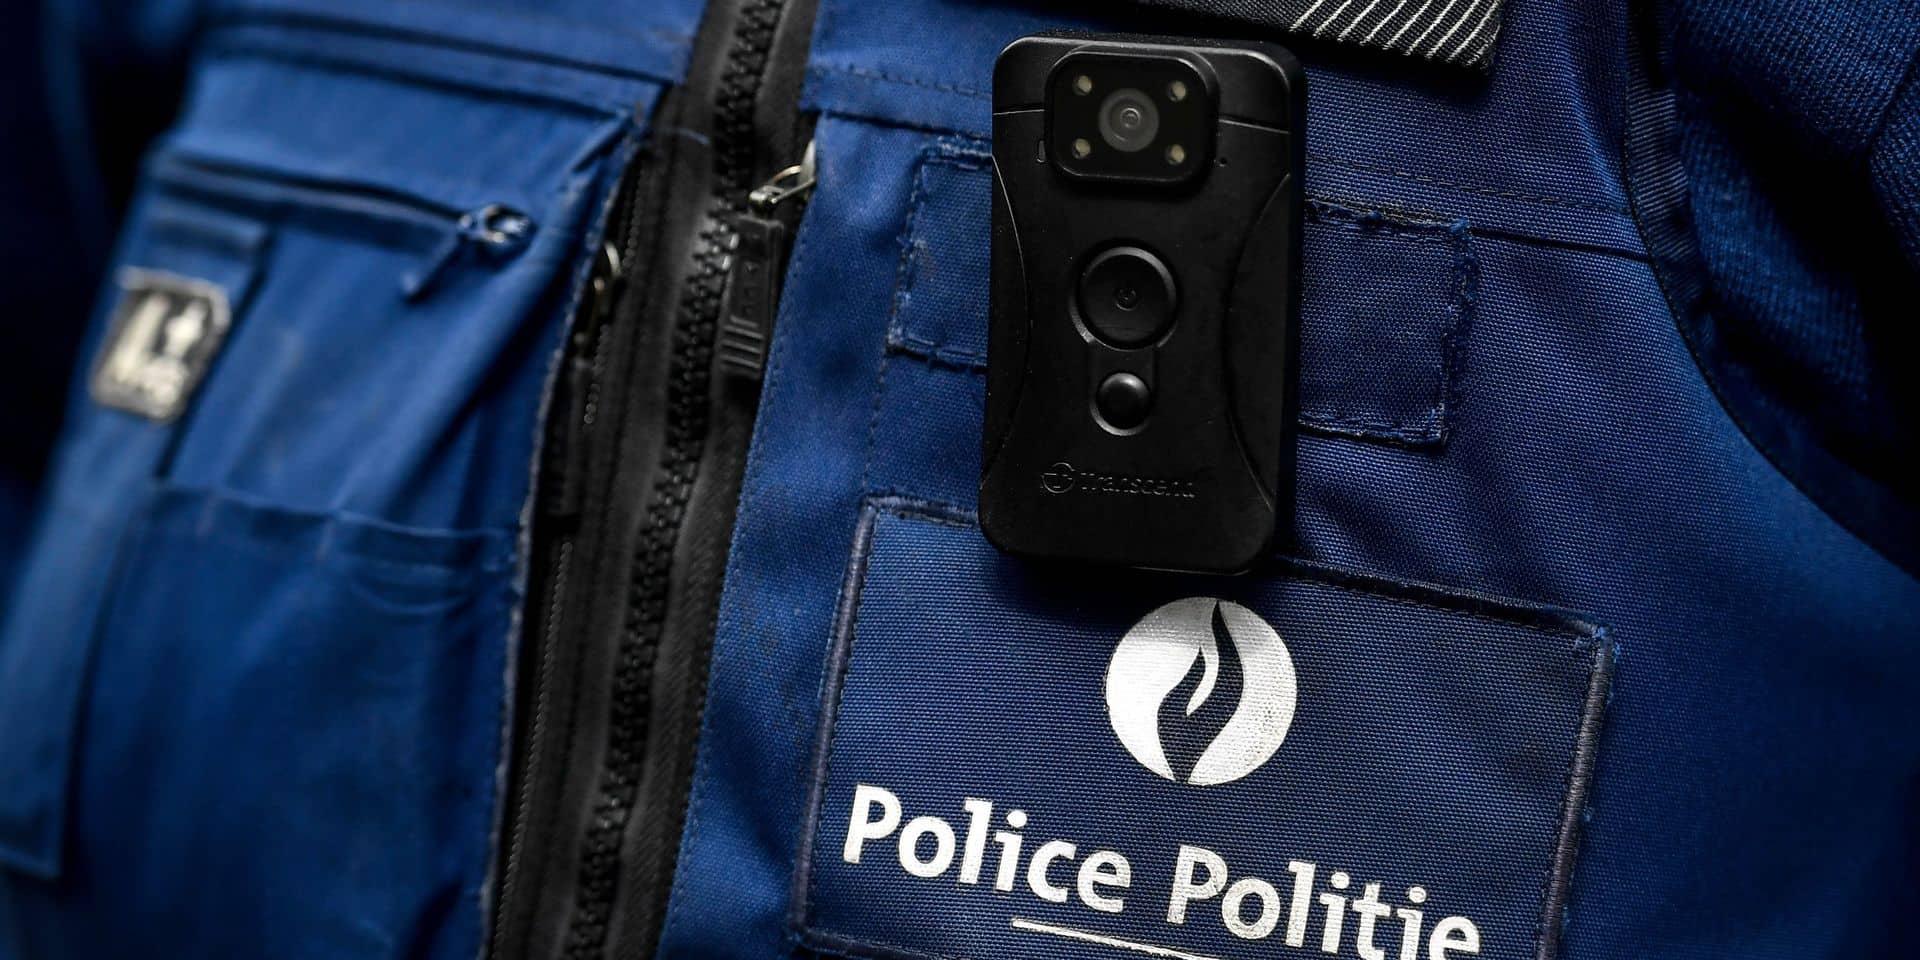 Des bodycams envisagées pour la police de Braine-l'Alleud